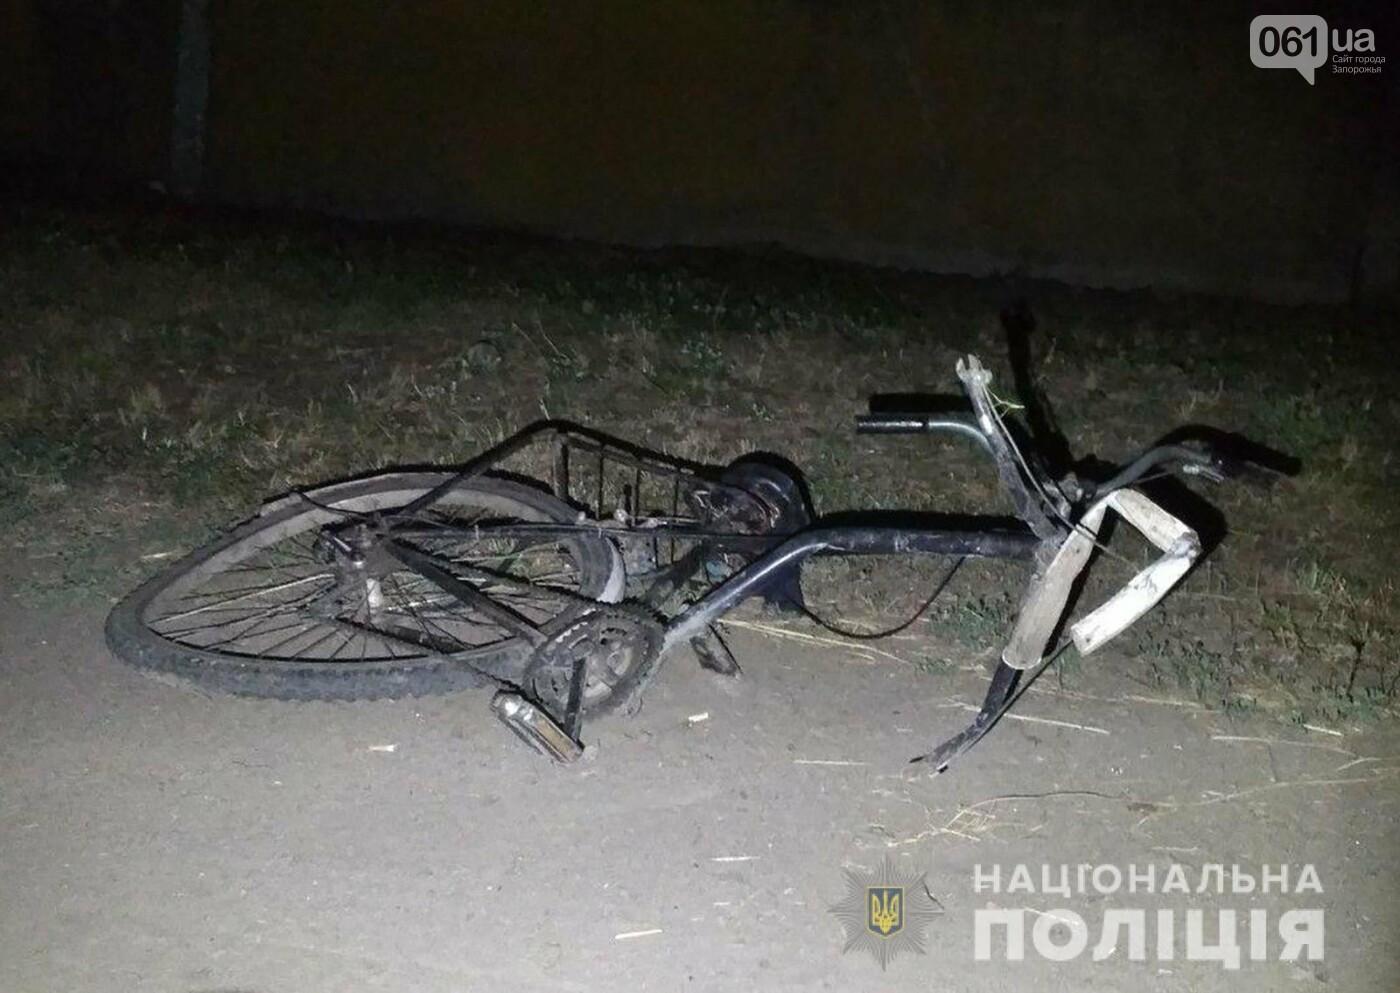 В Пологах пьяный водитель под наркотиками насмерть сбил двух велосипедистов: мальчик умер в больнице, - ФОТО, фото-2